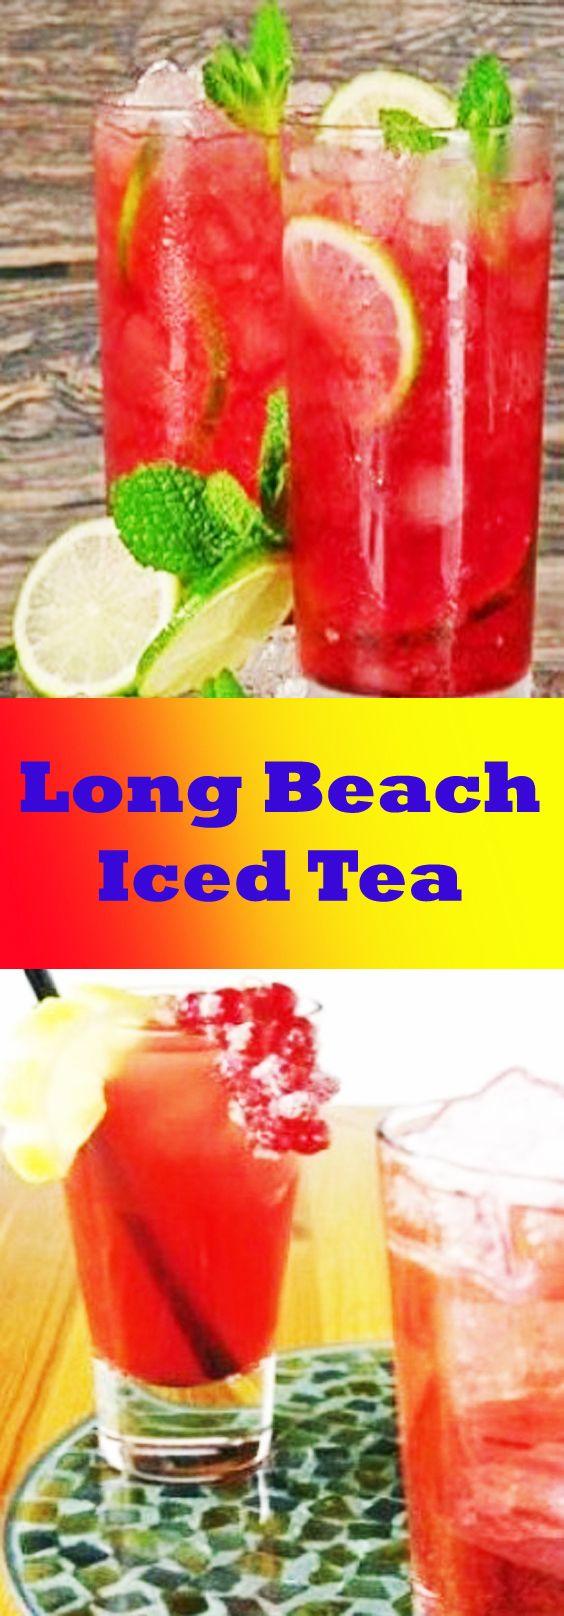 How To Make Long Beach Iced Tea Long Beach Iced Tea Recipe Iced Tea Recipes Beach Drink Recipes